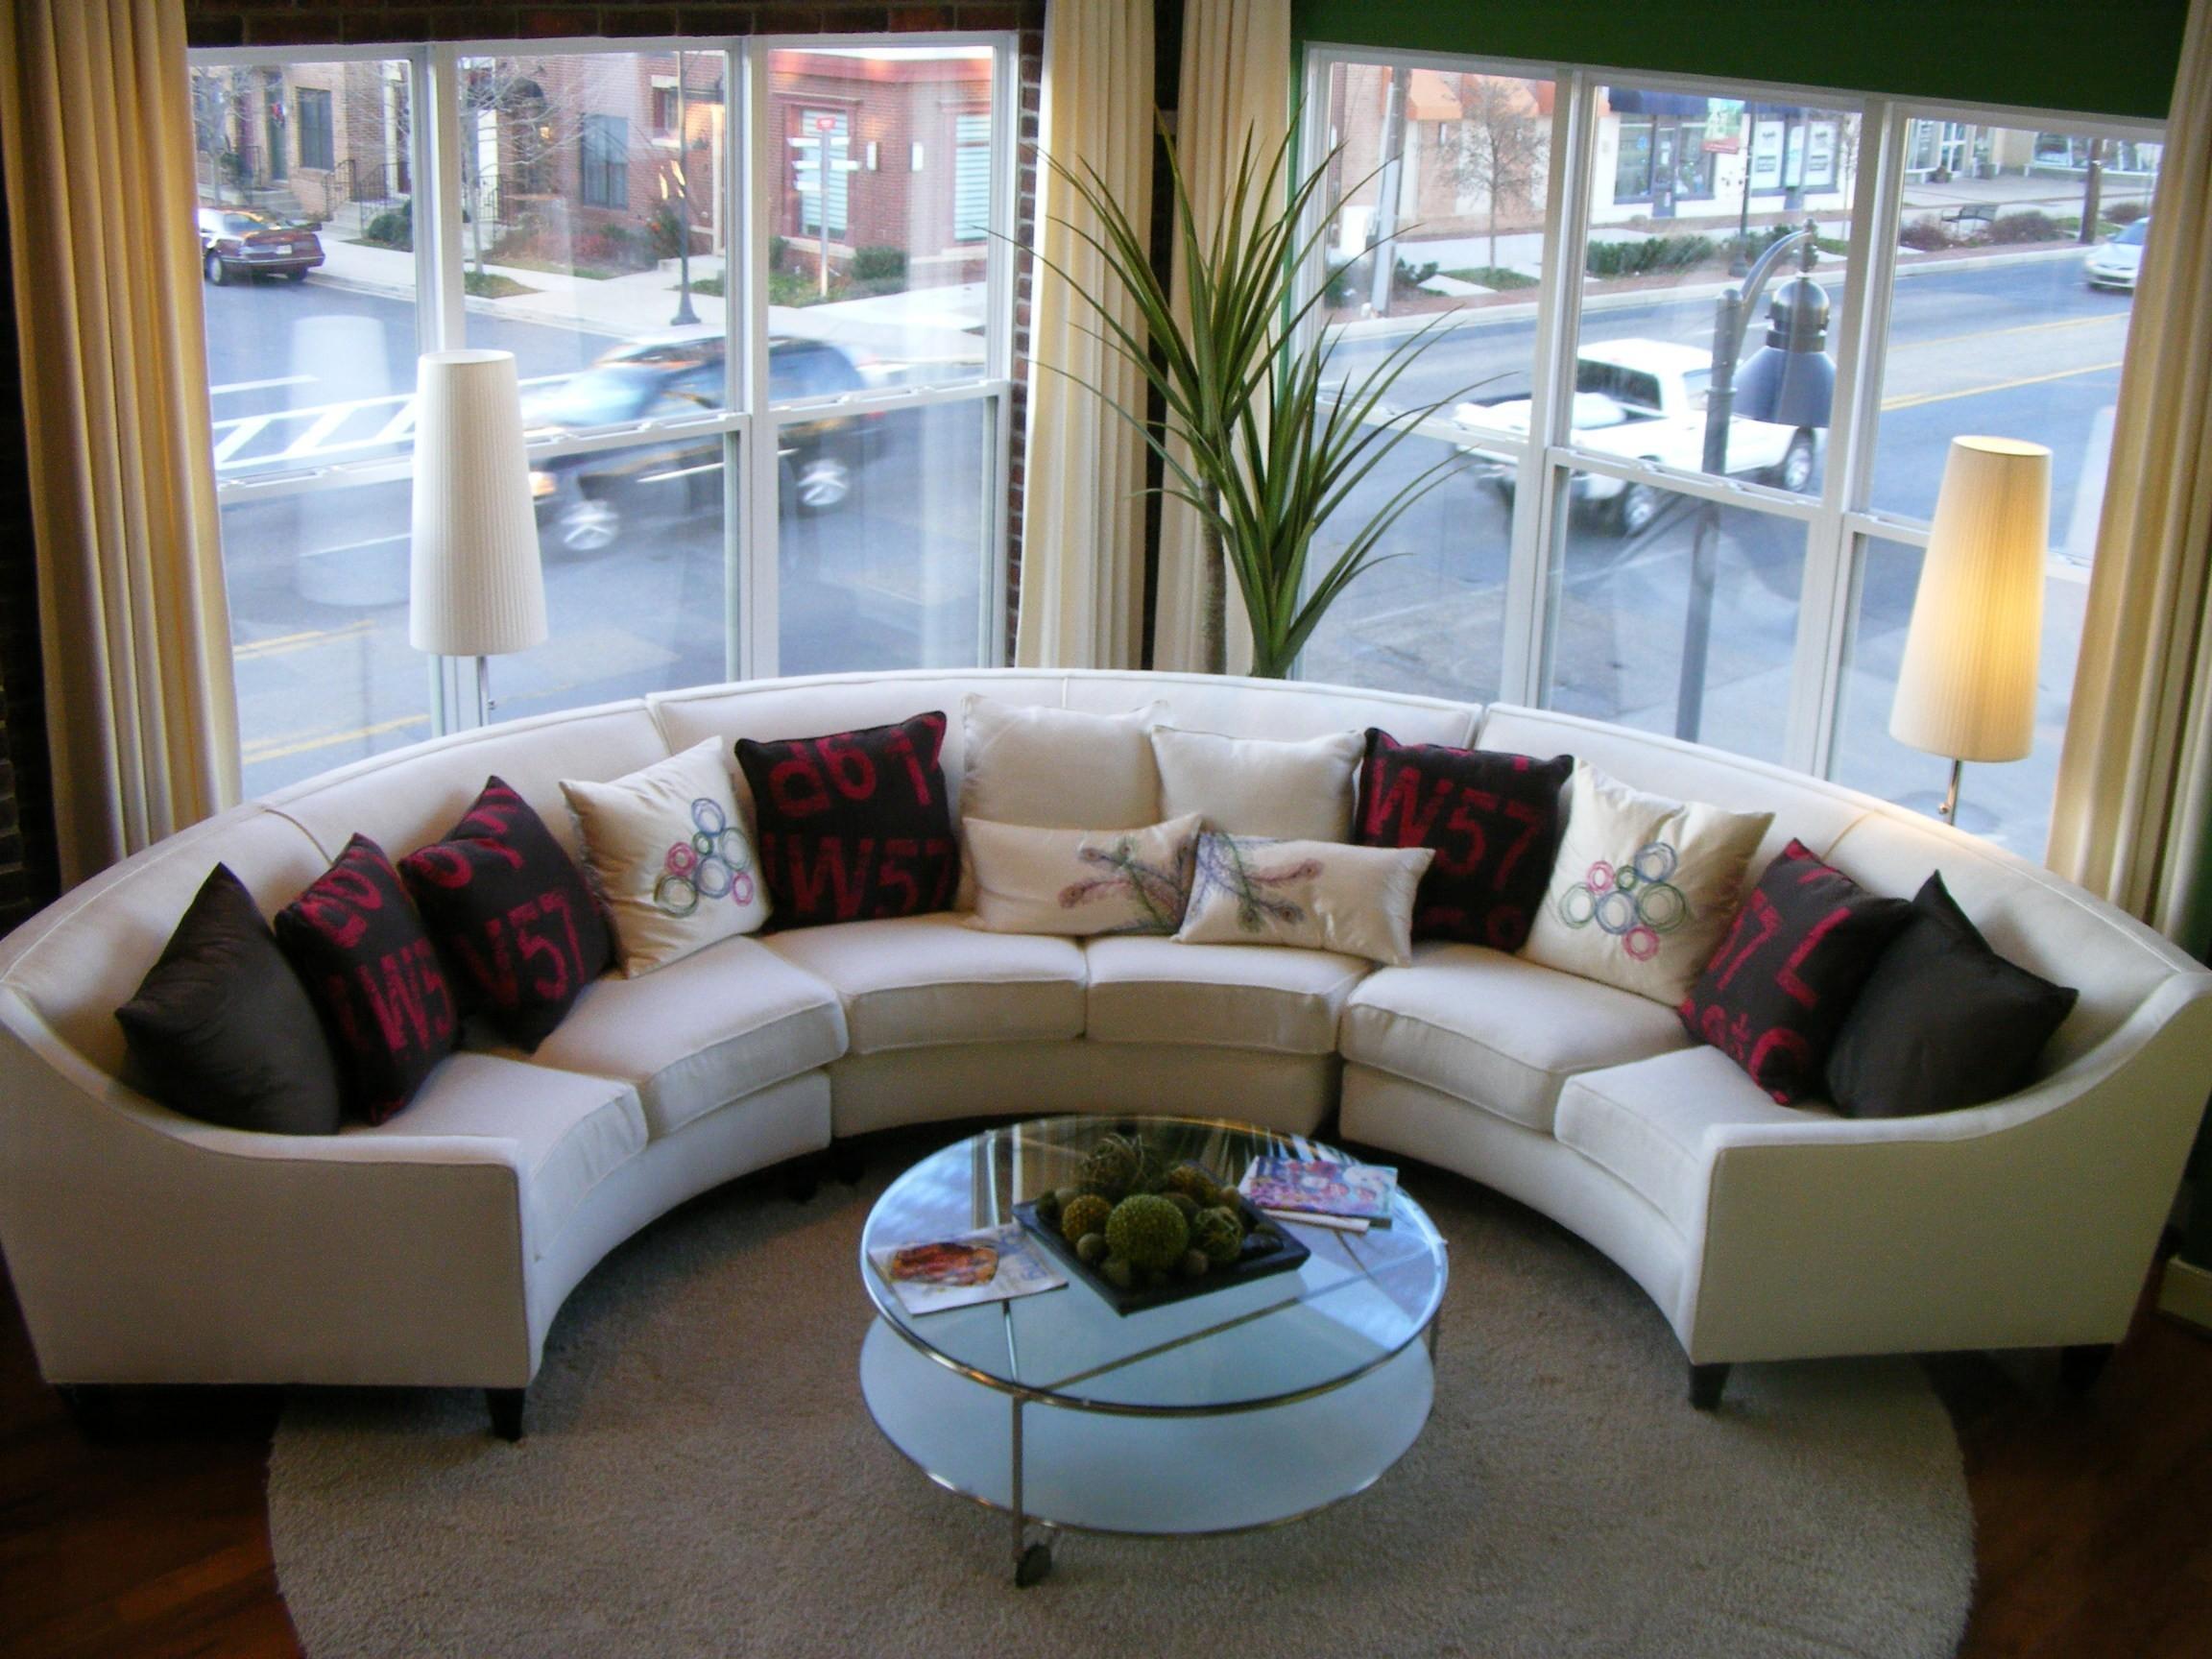 Circular Sectional Sofa Canada | Tehranmix Decoration Throughout Circular Sectionals (Image 3 of 15)